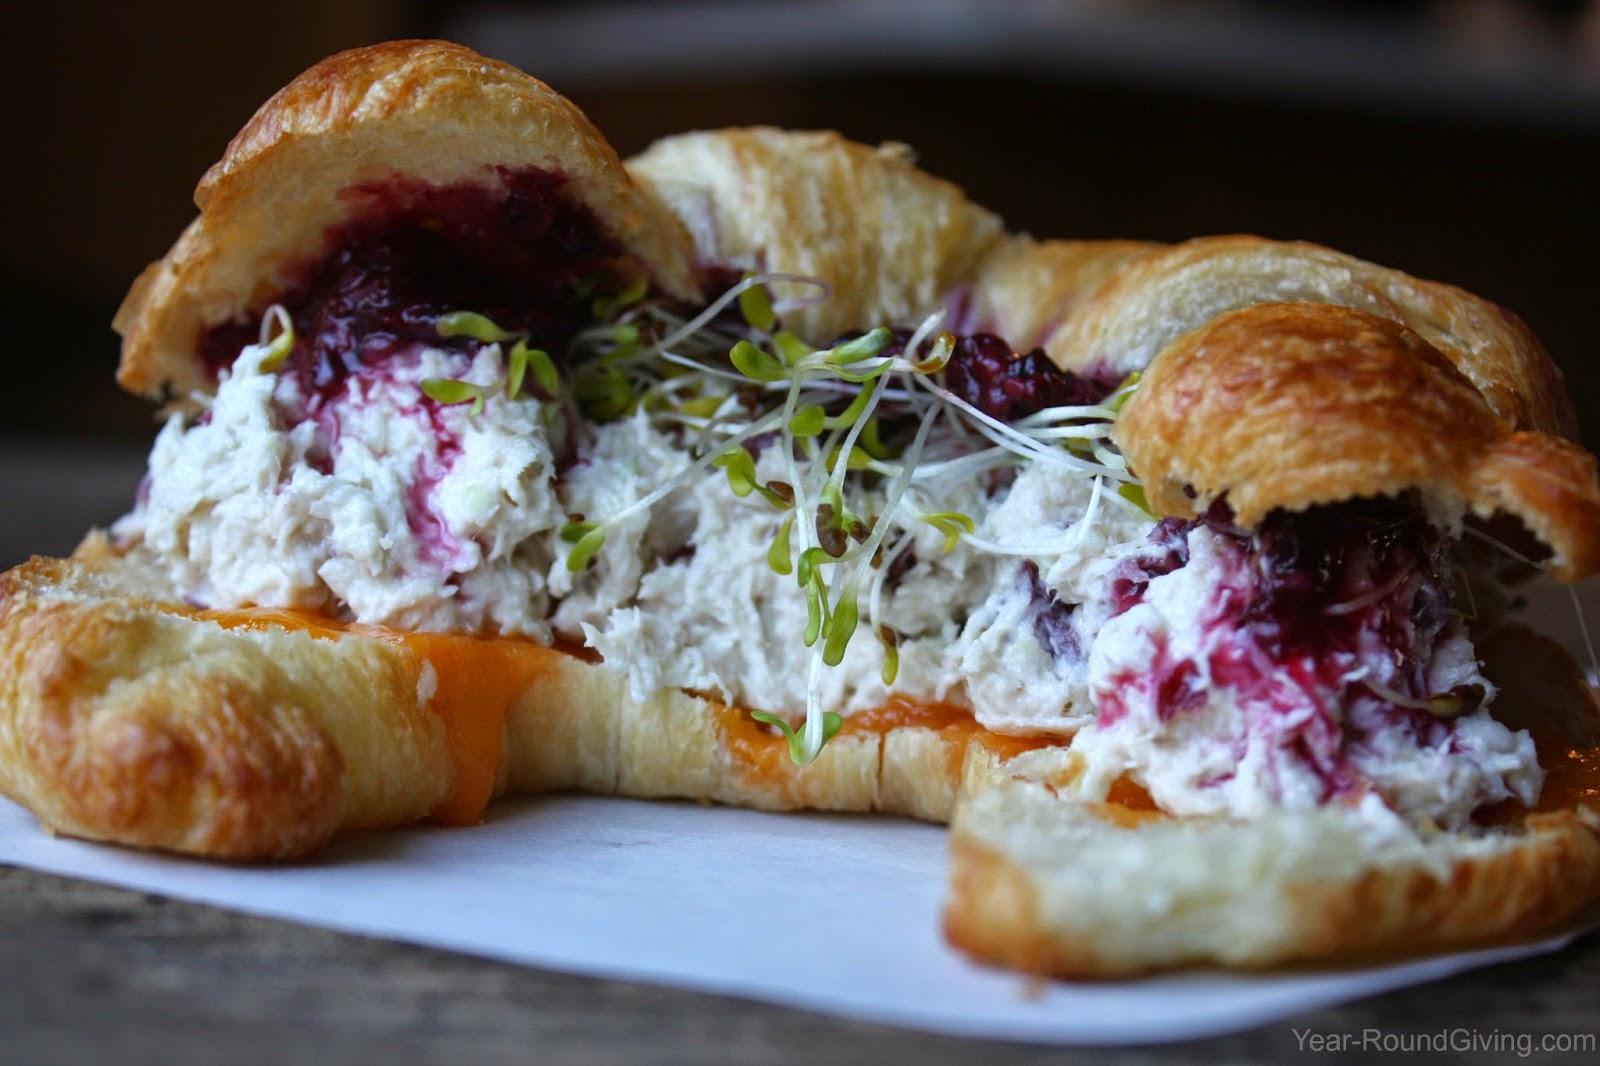 Chicken Salad & Blackberry Croissant